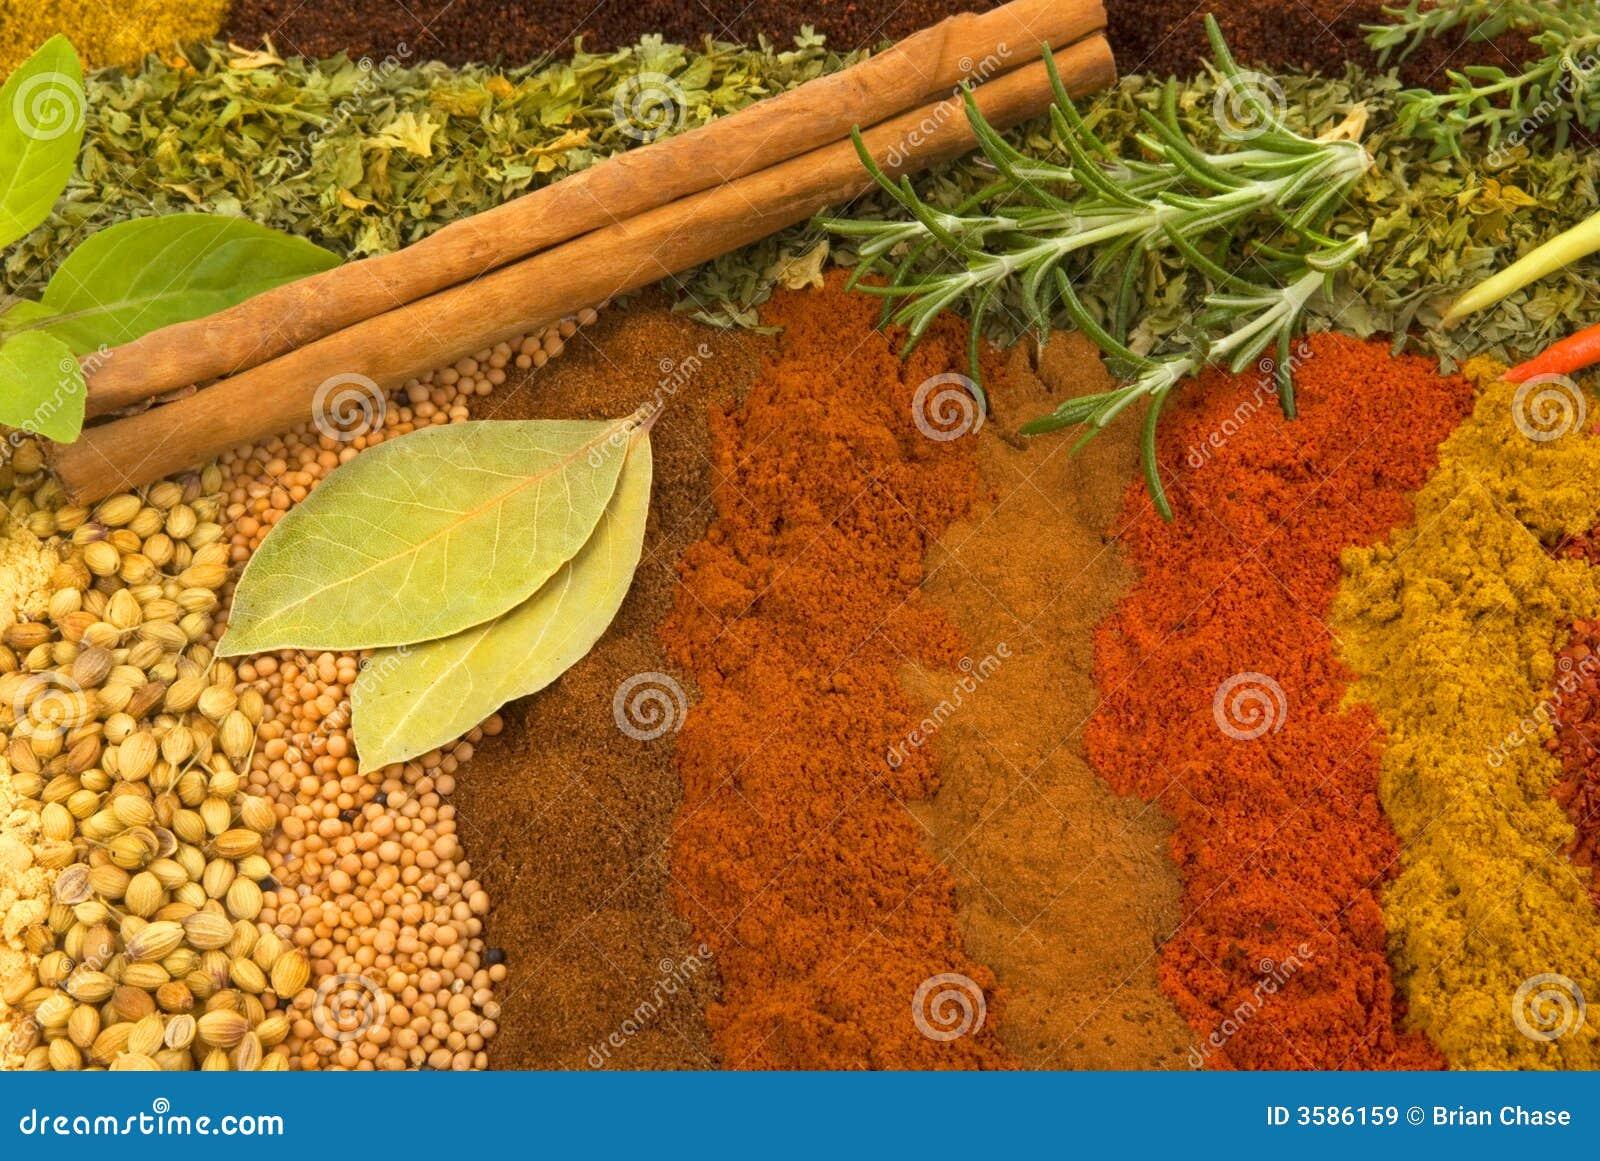 Especias e hierbas